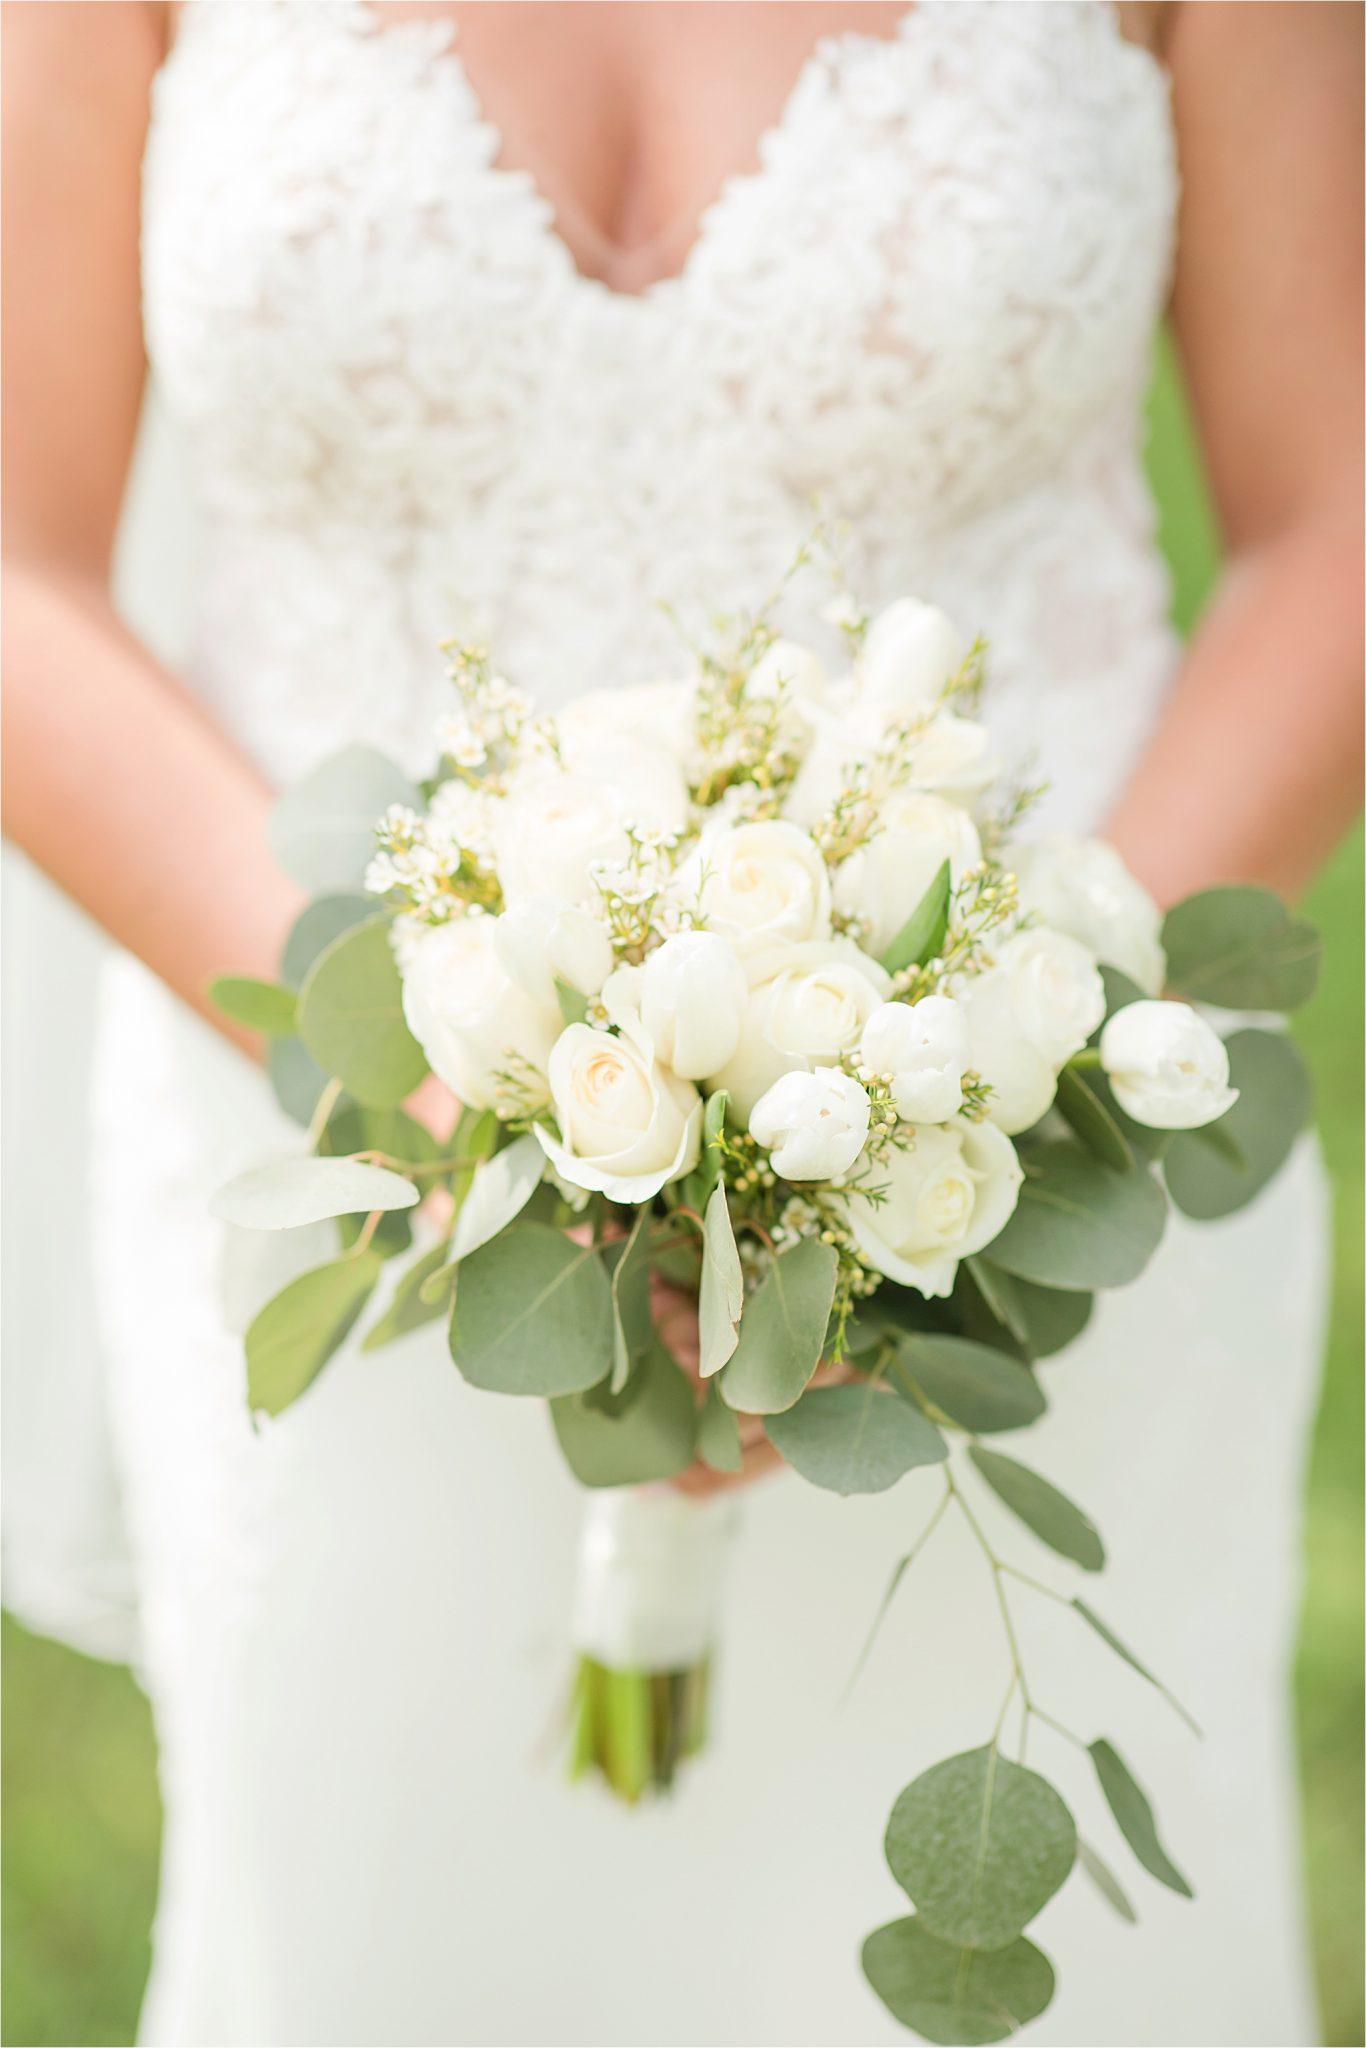 Hedge Farm Wedding, Alabama Wedding Photographer, Barn Wedding, Wedding florals, Neutrals